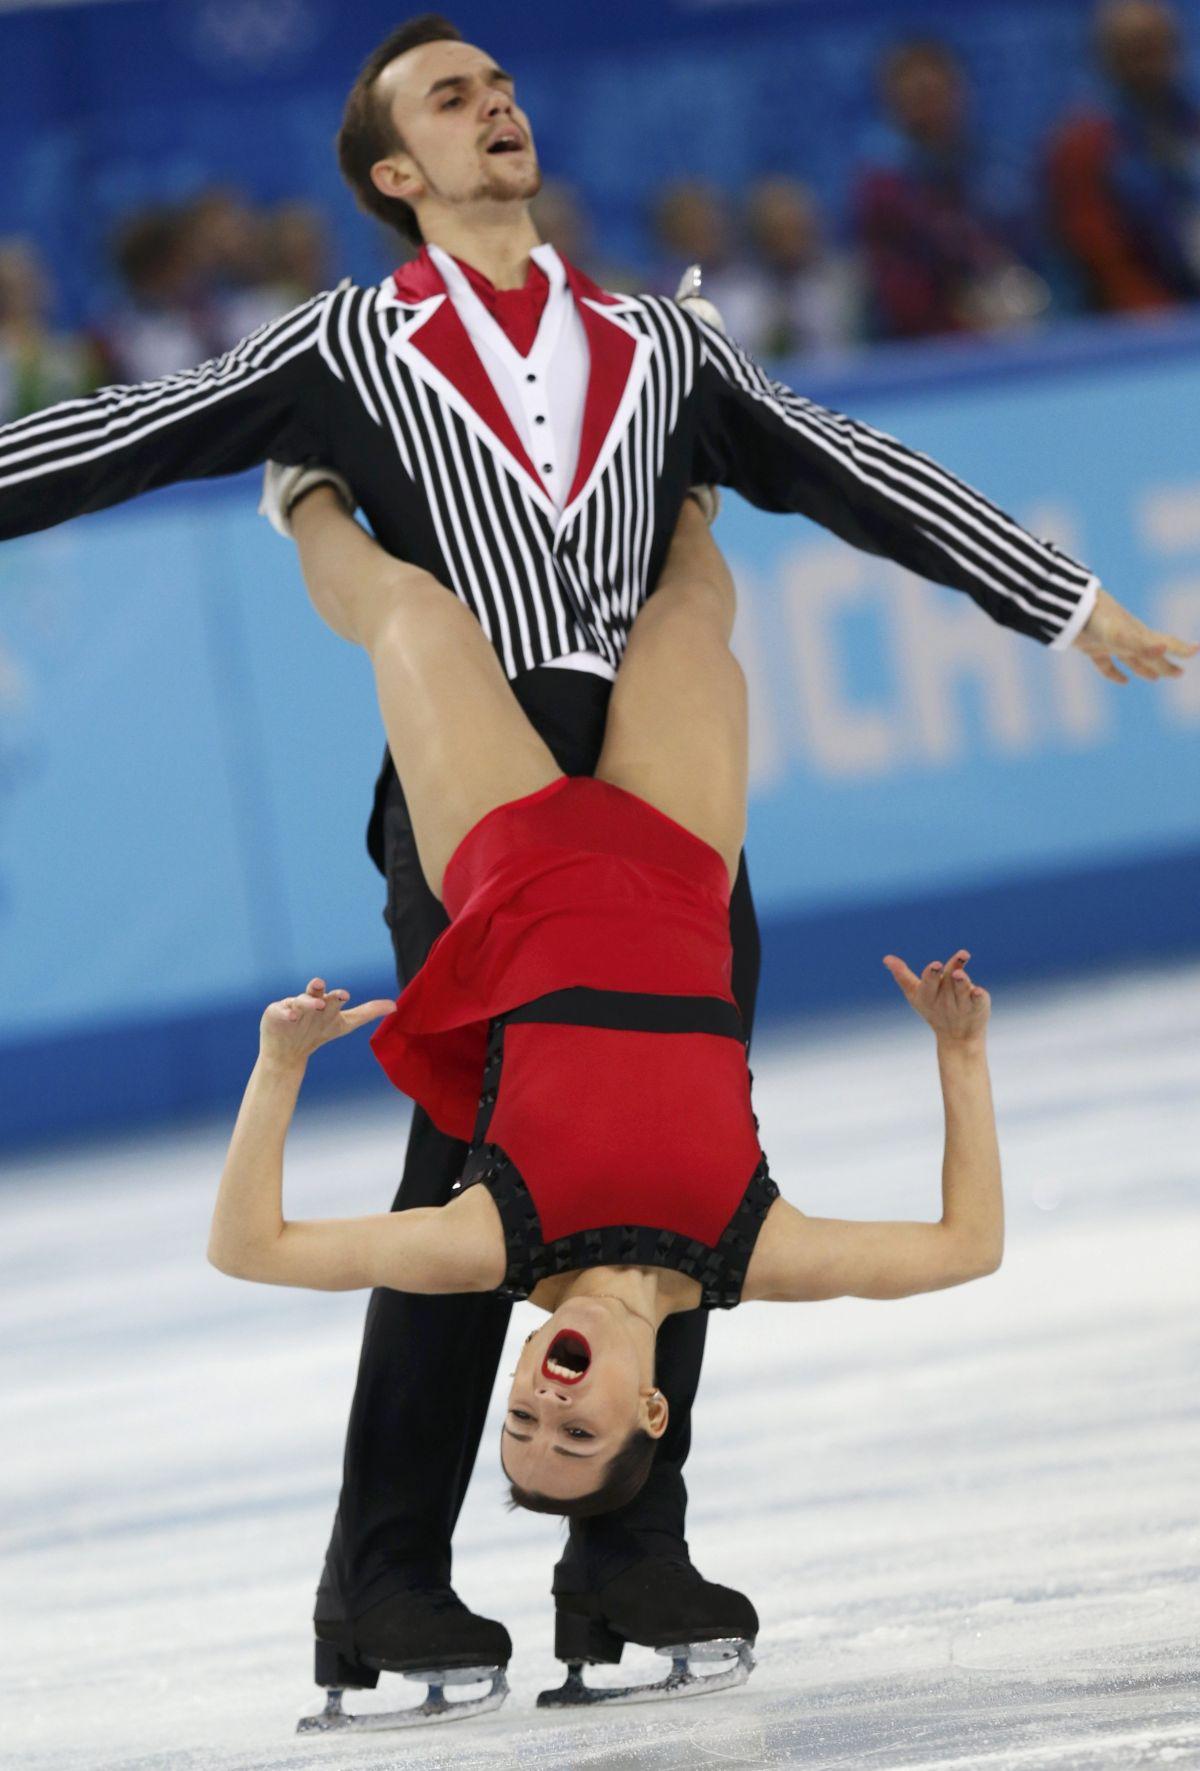 KSENIA STOLBOVA and Fyodor Klimov at 2014 Winter Olympics in Sochi